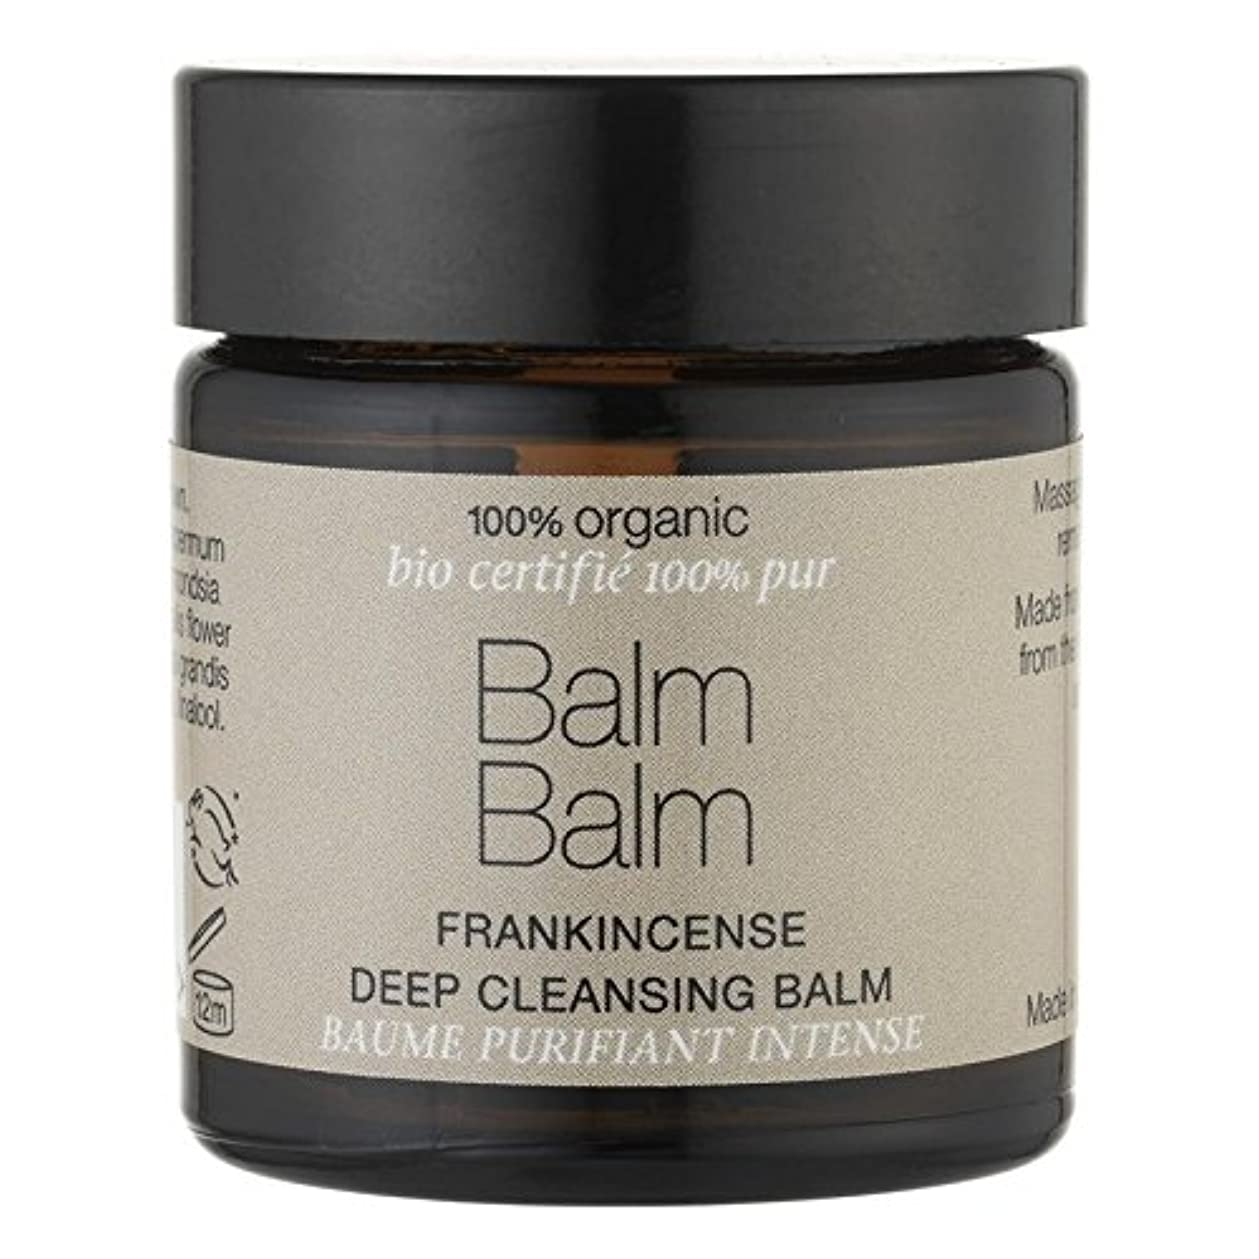 豊富に明らかに寄託バームバーム乳香有機ディープクレンジングクリーム60ミリリットル x2 - Balm Balm Frankincense Organic Deep Cleansing Balm 60ml (Pack of 2) [並行輸入品]